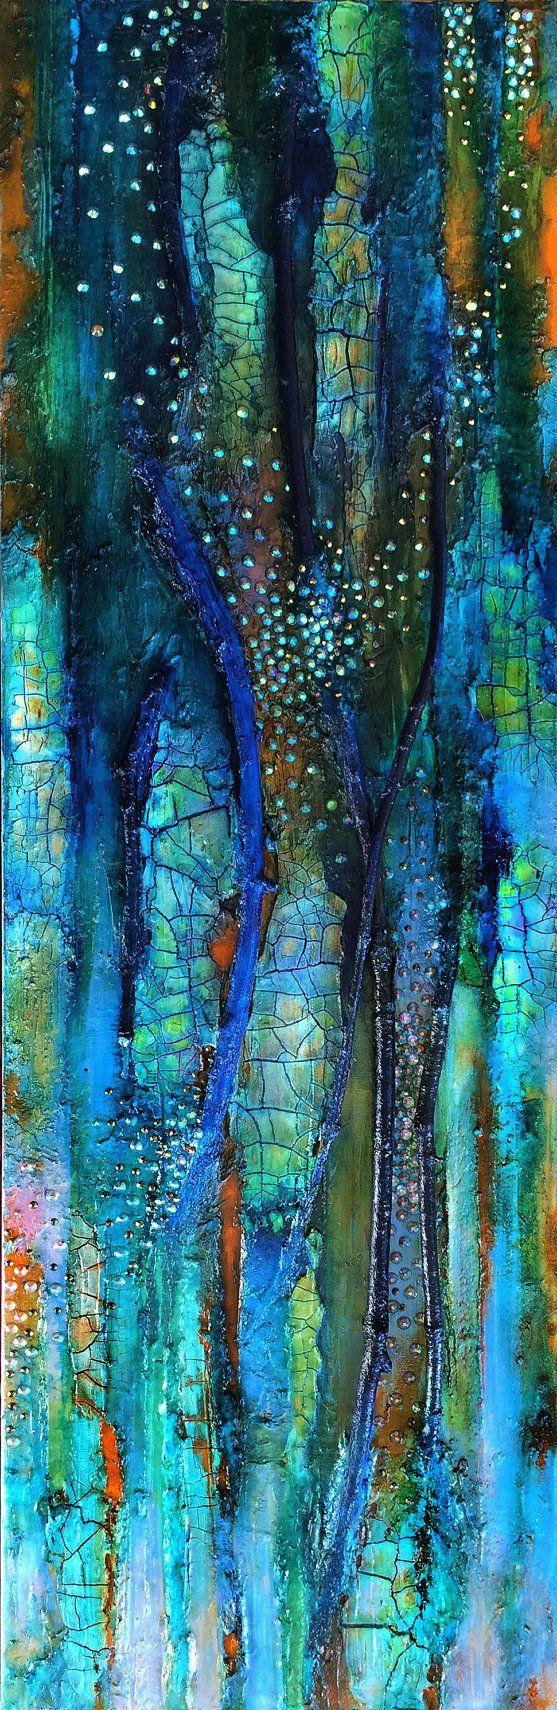 Cette sculpture murale inhabituelle sintitule « Léternel printemps ». Cette pièce a des couches épaisses de peinture dans une variété de pâte colorus,